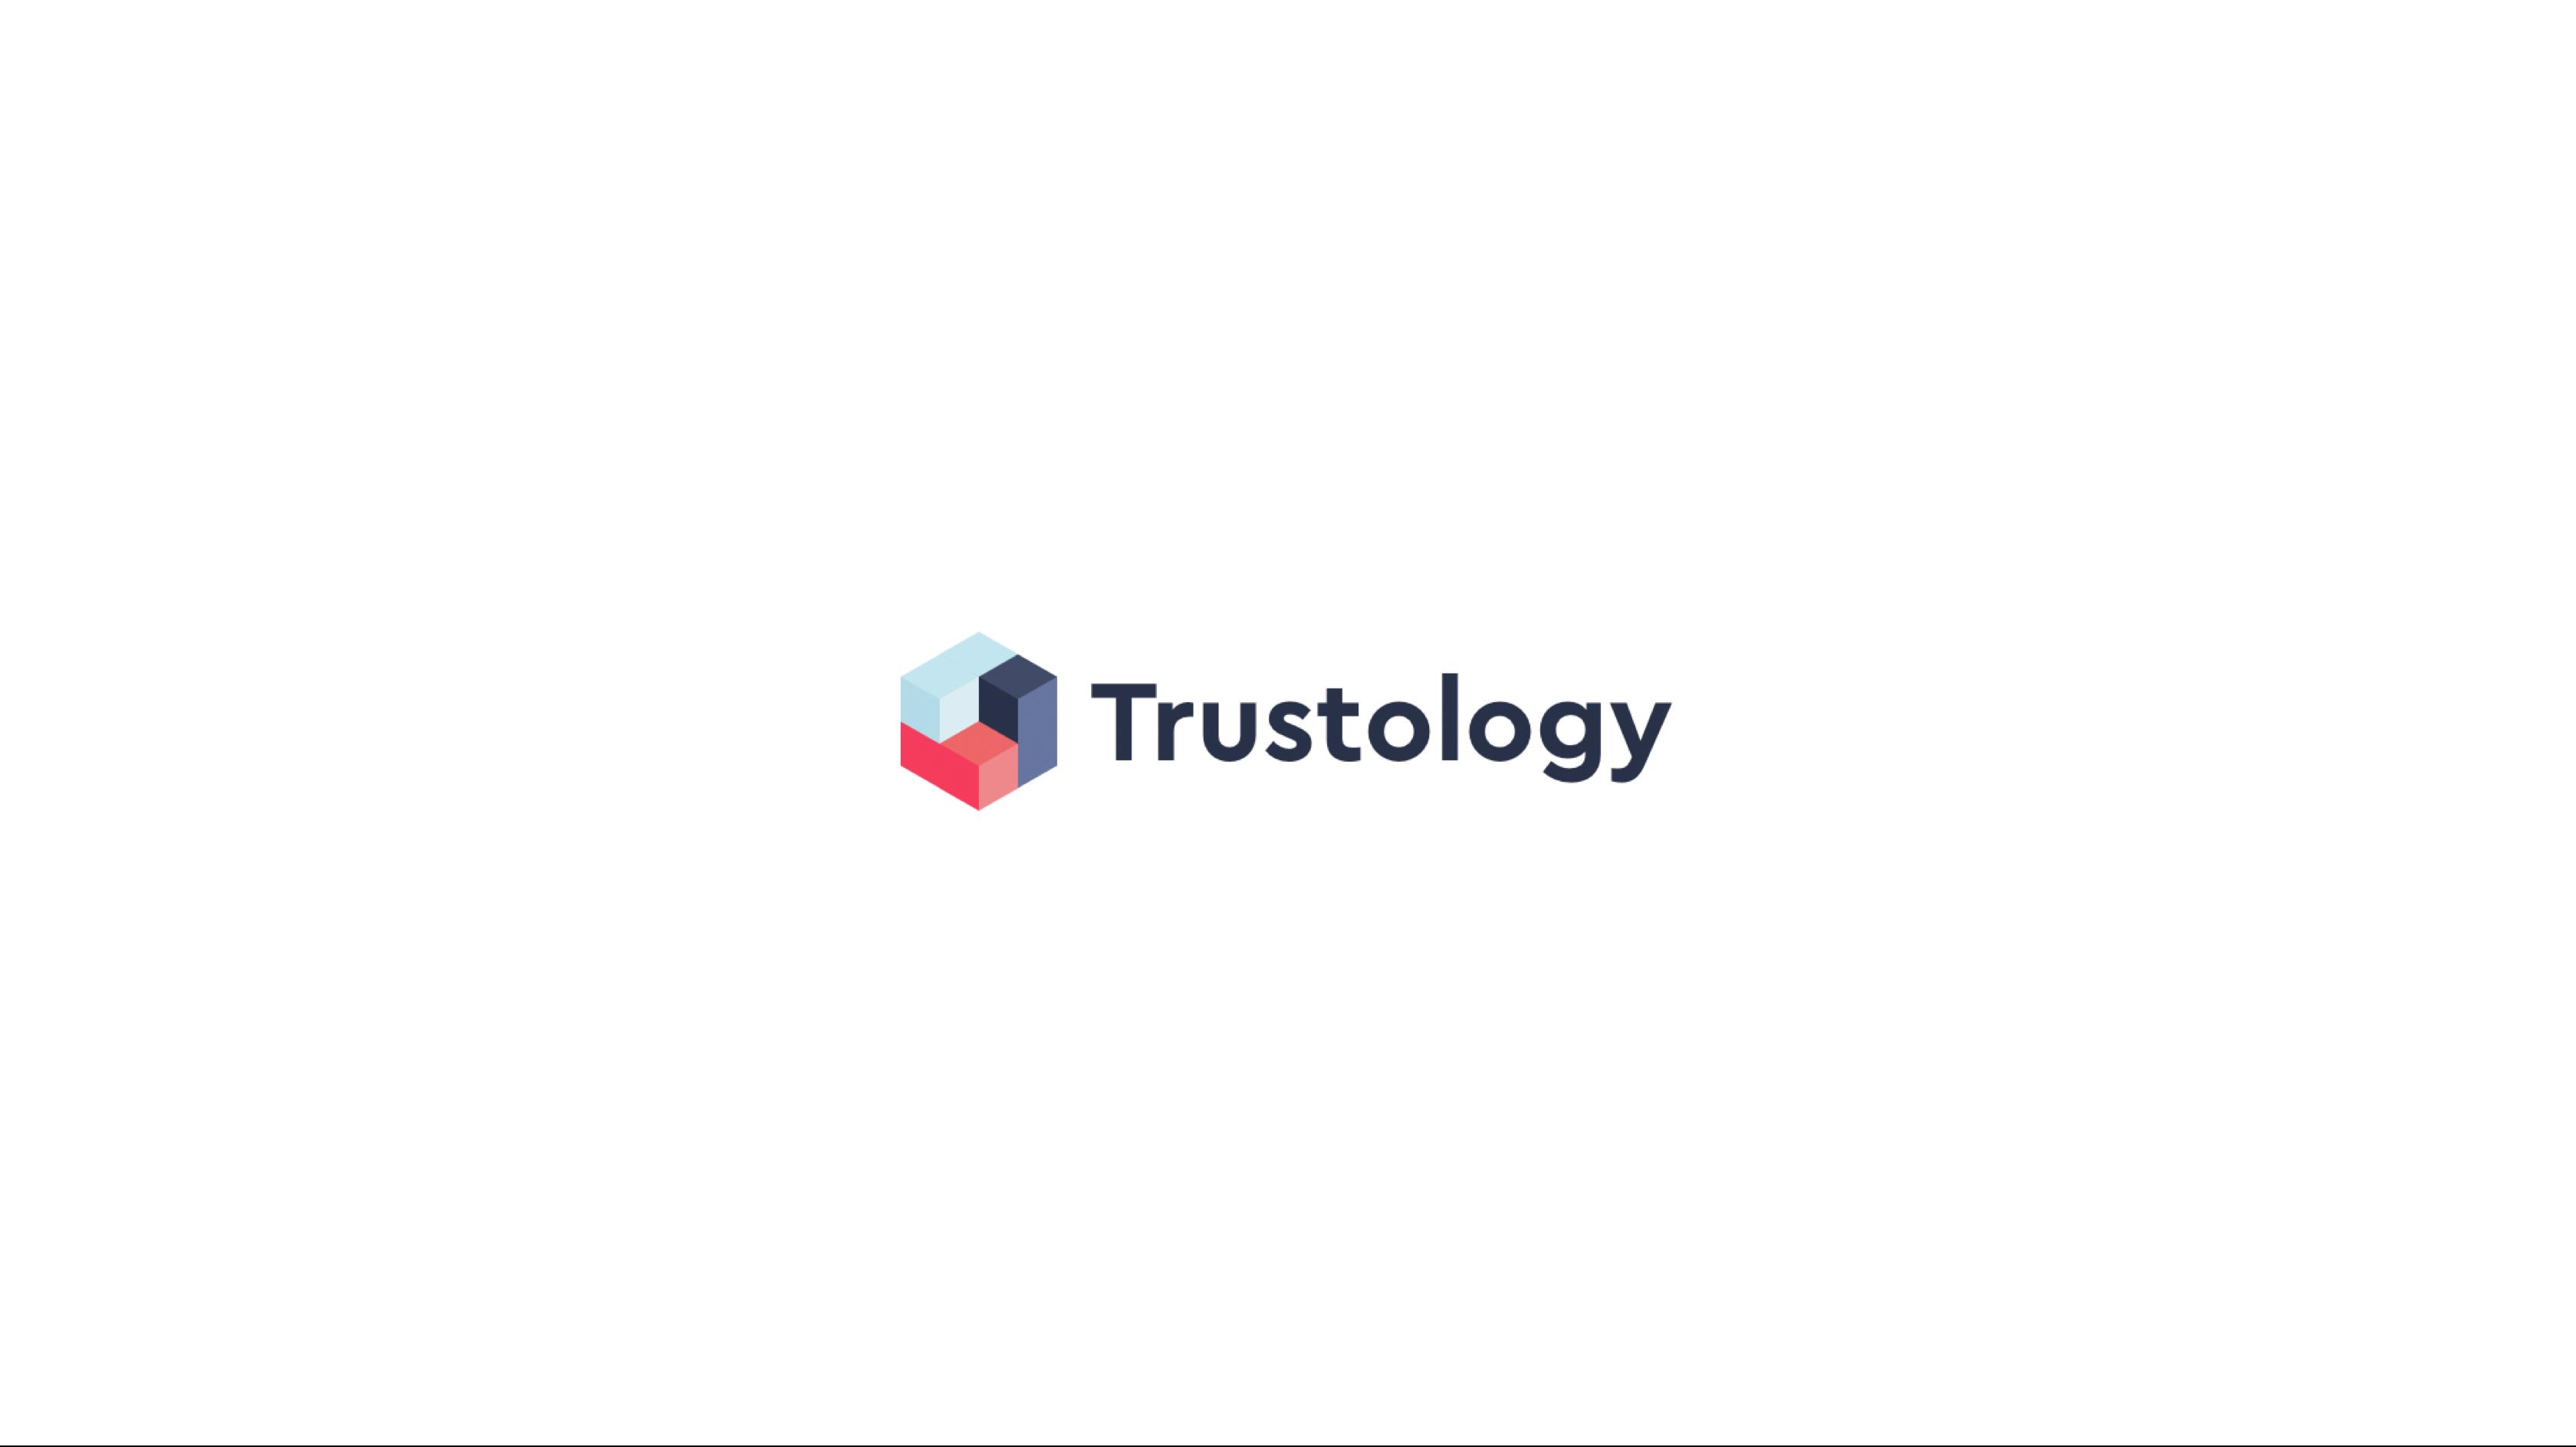 cripto-logo-final02